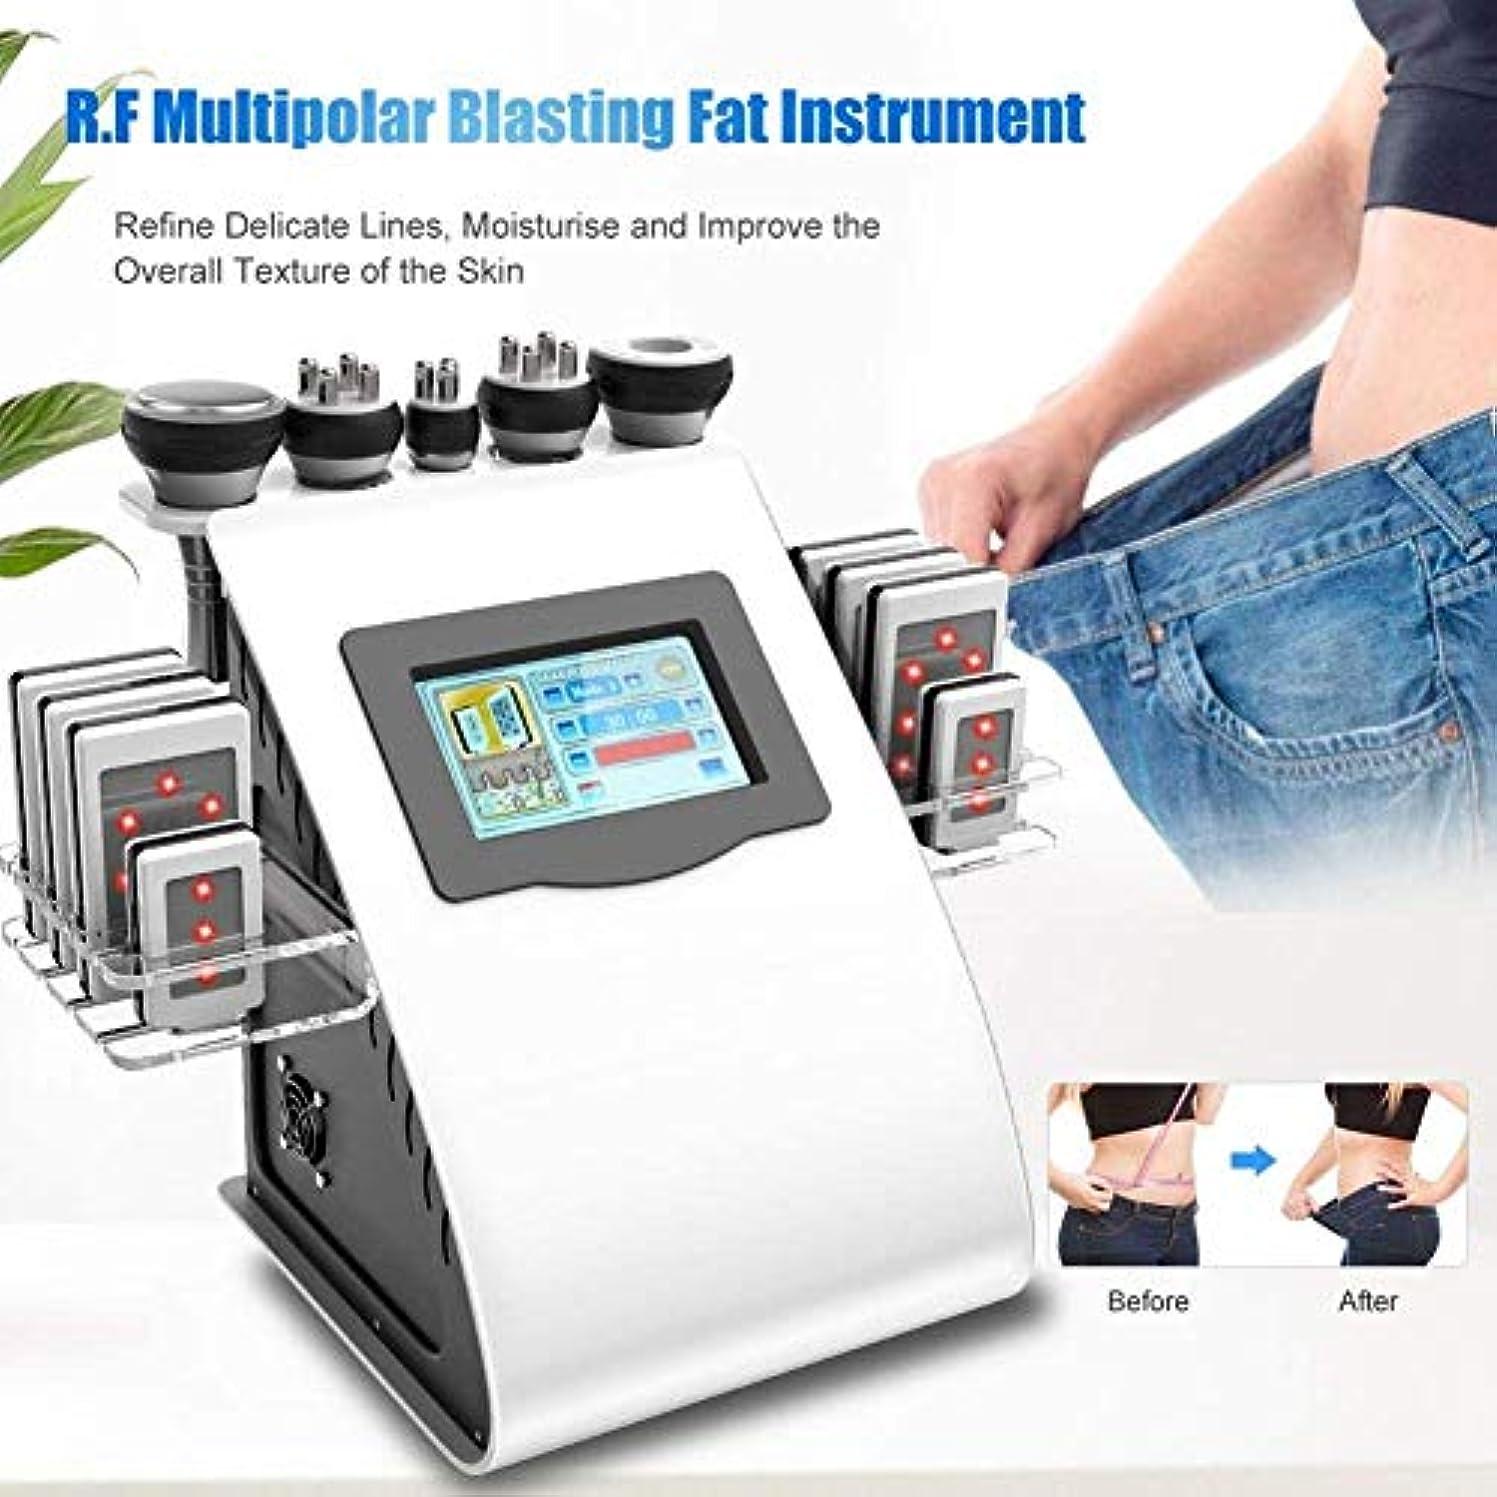 以前は踊り子十代の若者たち5 in 1 ボディシェイピング 脂肪燃焼 機械、 美人 ケア デバイス マッサージャー、 プロ 顔と体 Slim身 処理 デバイス 機械